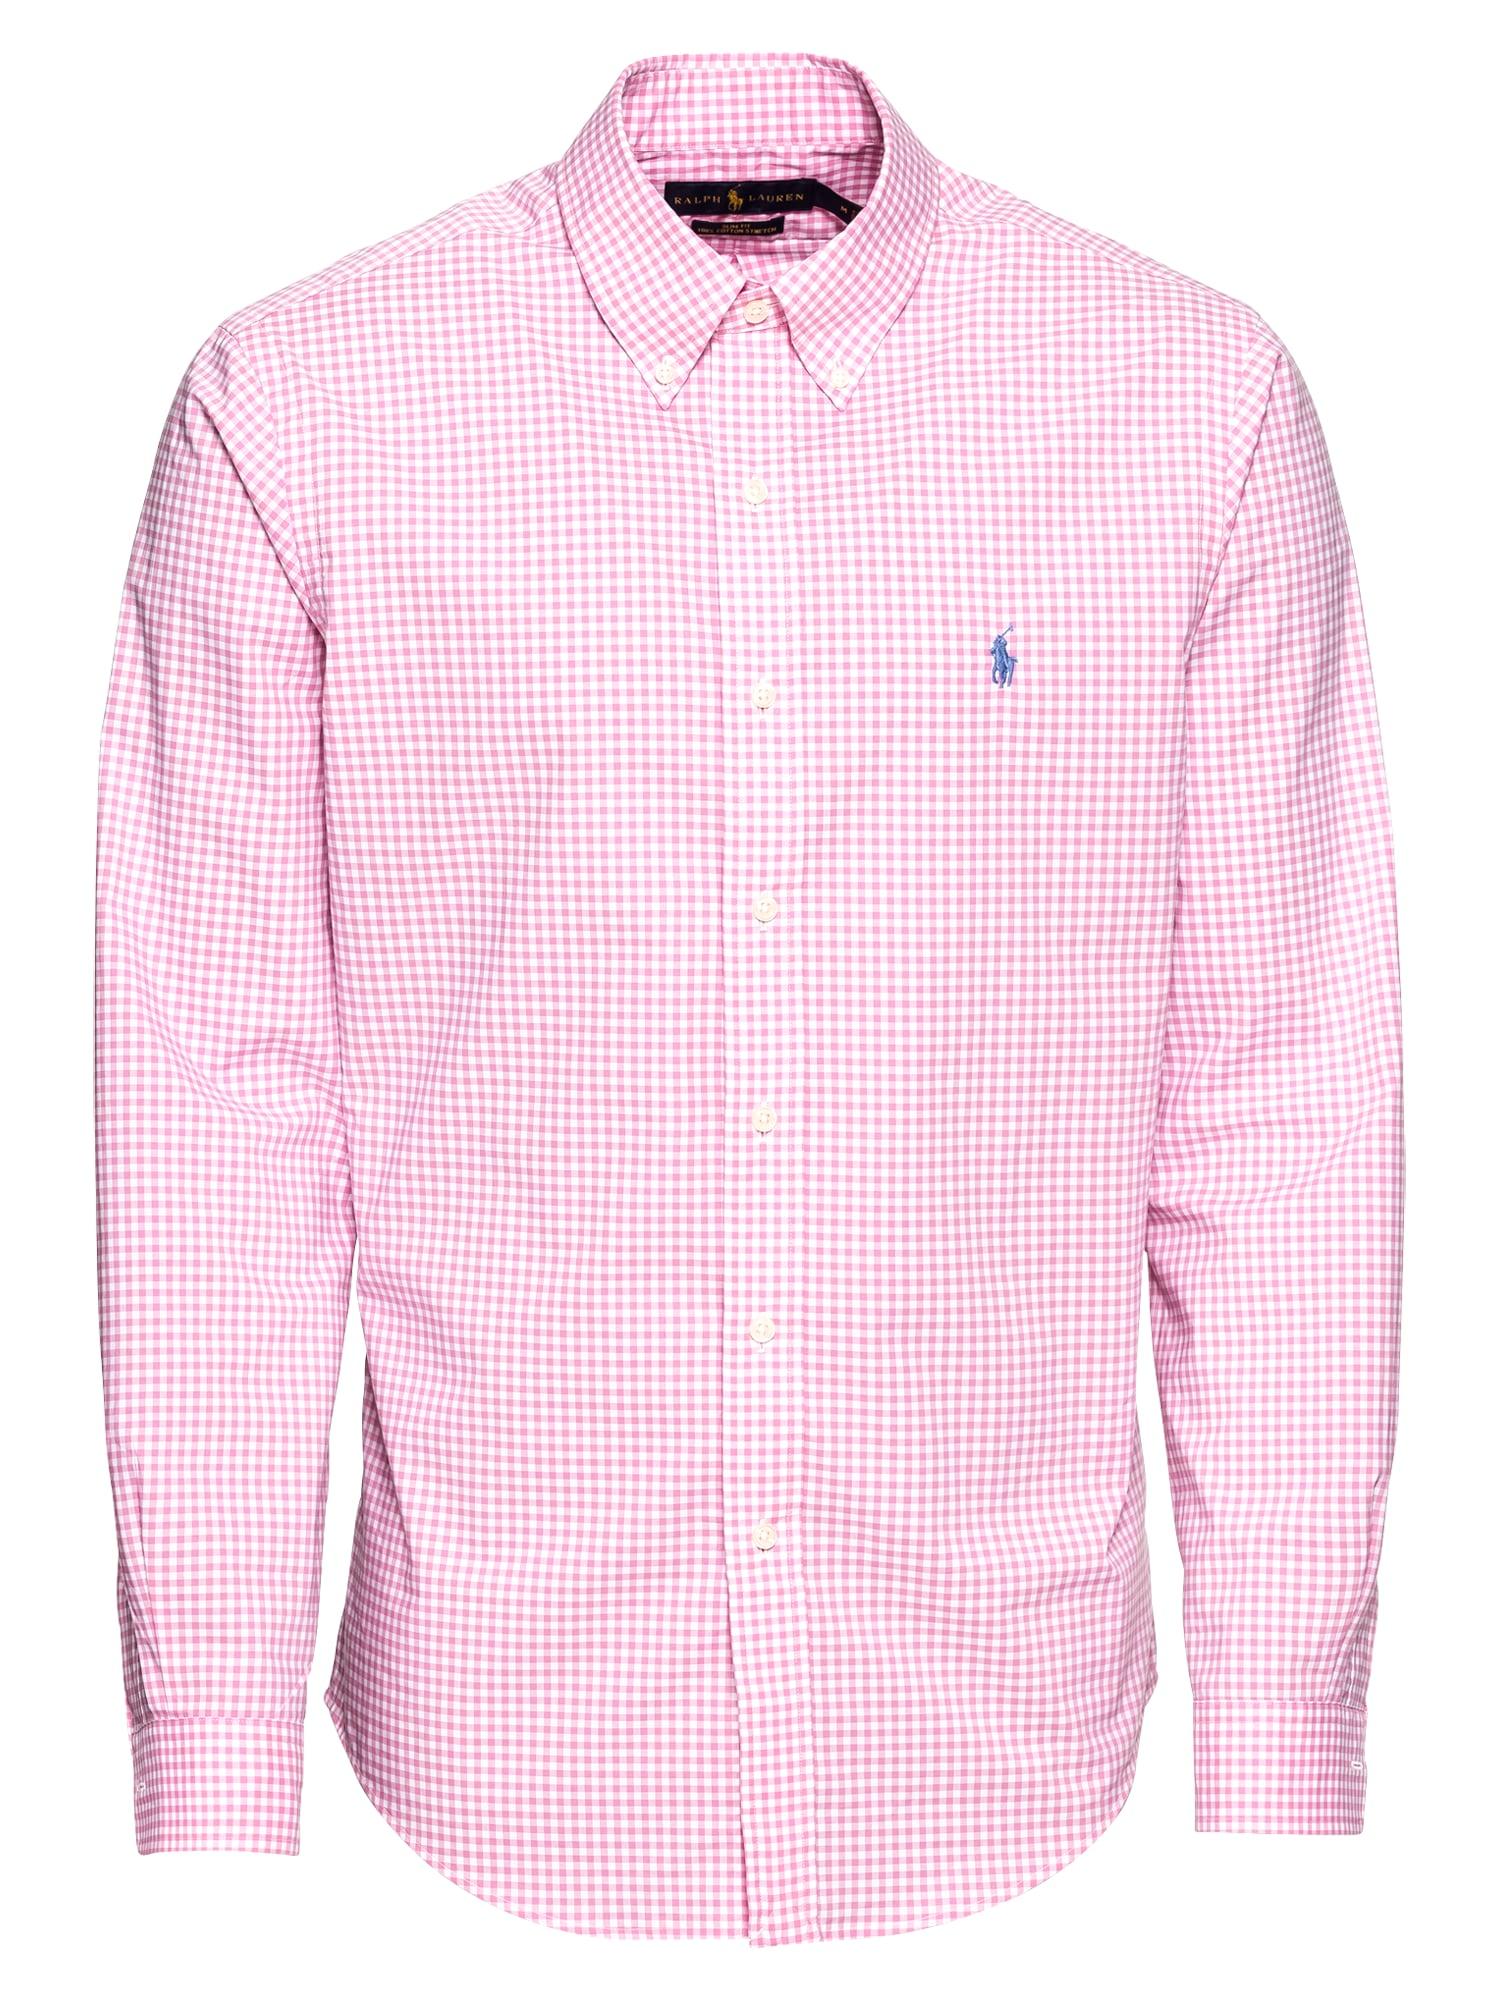 Košile SL BD PPCSPT-LONG SLEEVE-SPORT SHIRT pink POLO RALPH LAUREN